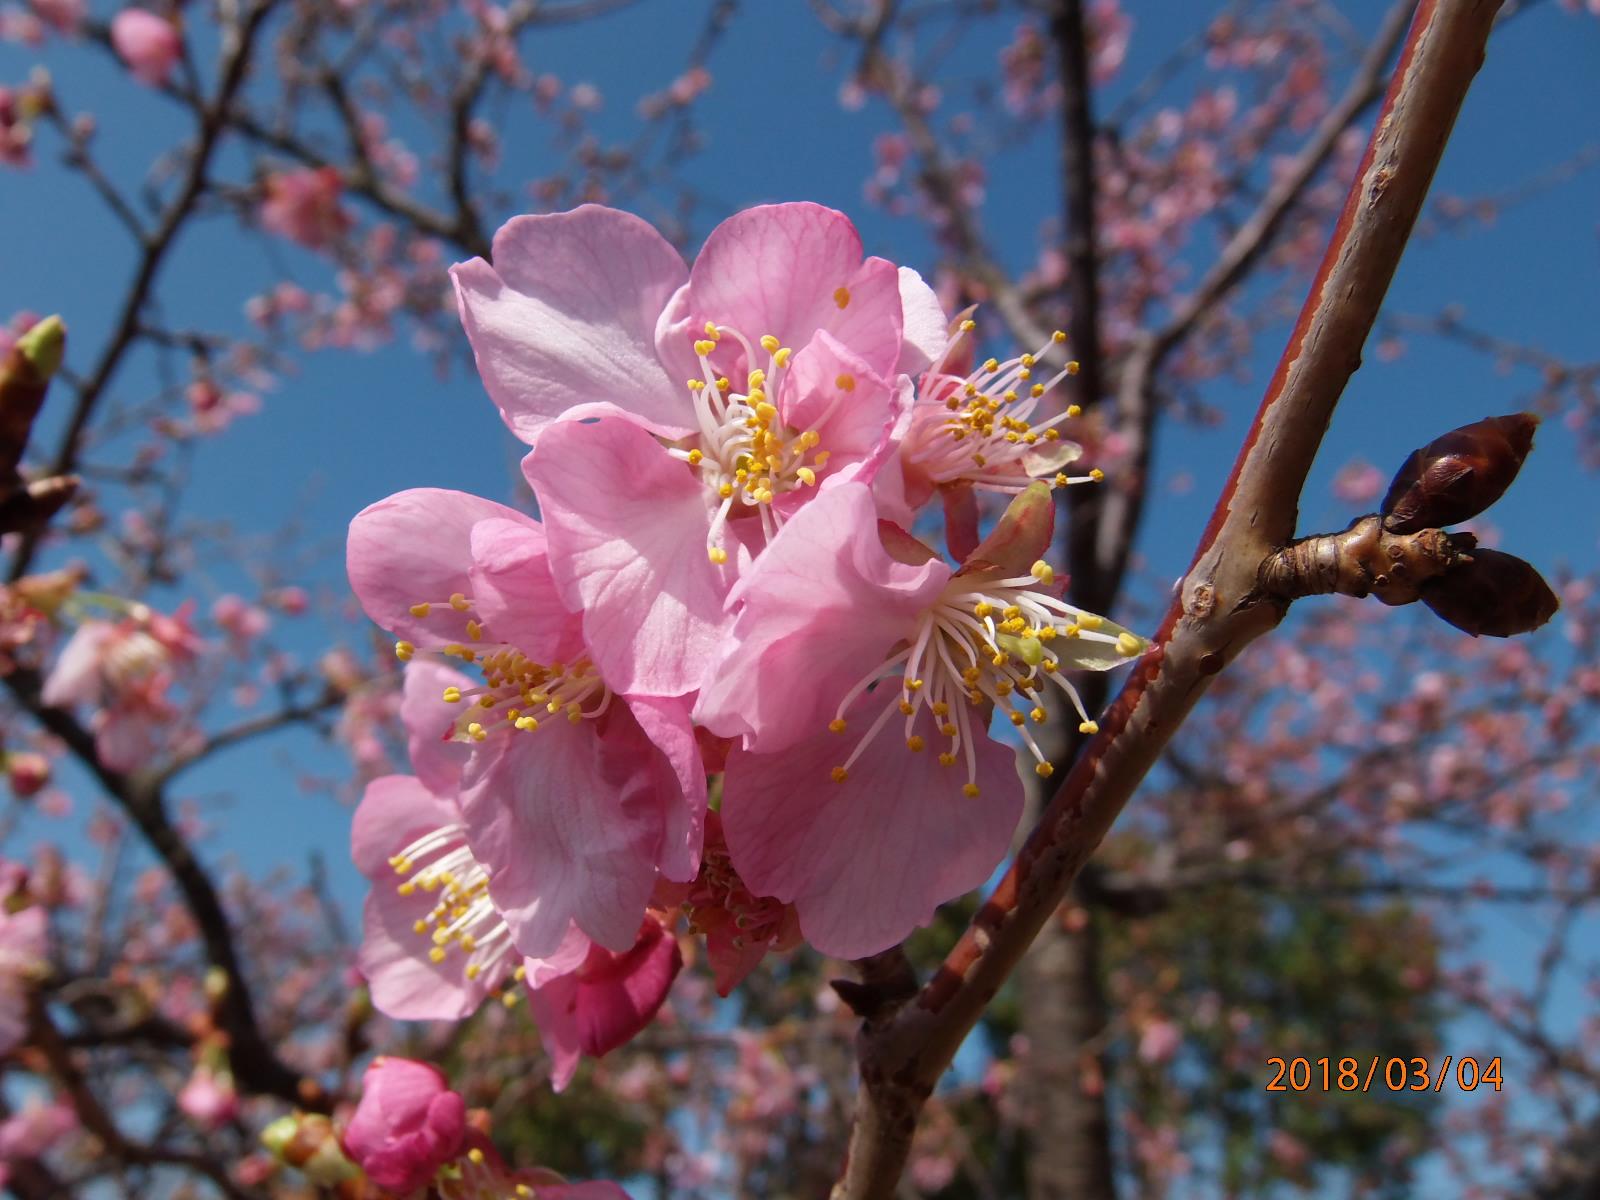 桜 情報 河津 開花